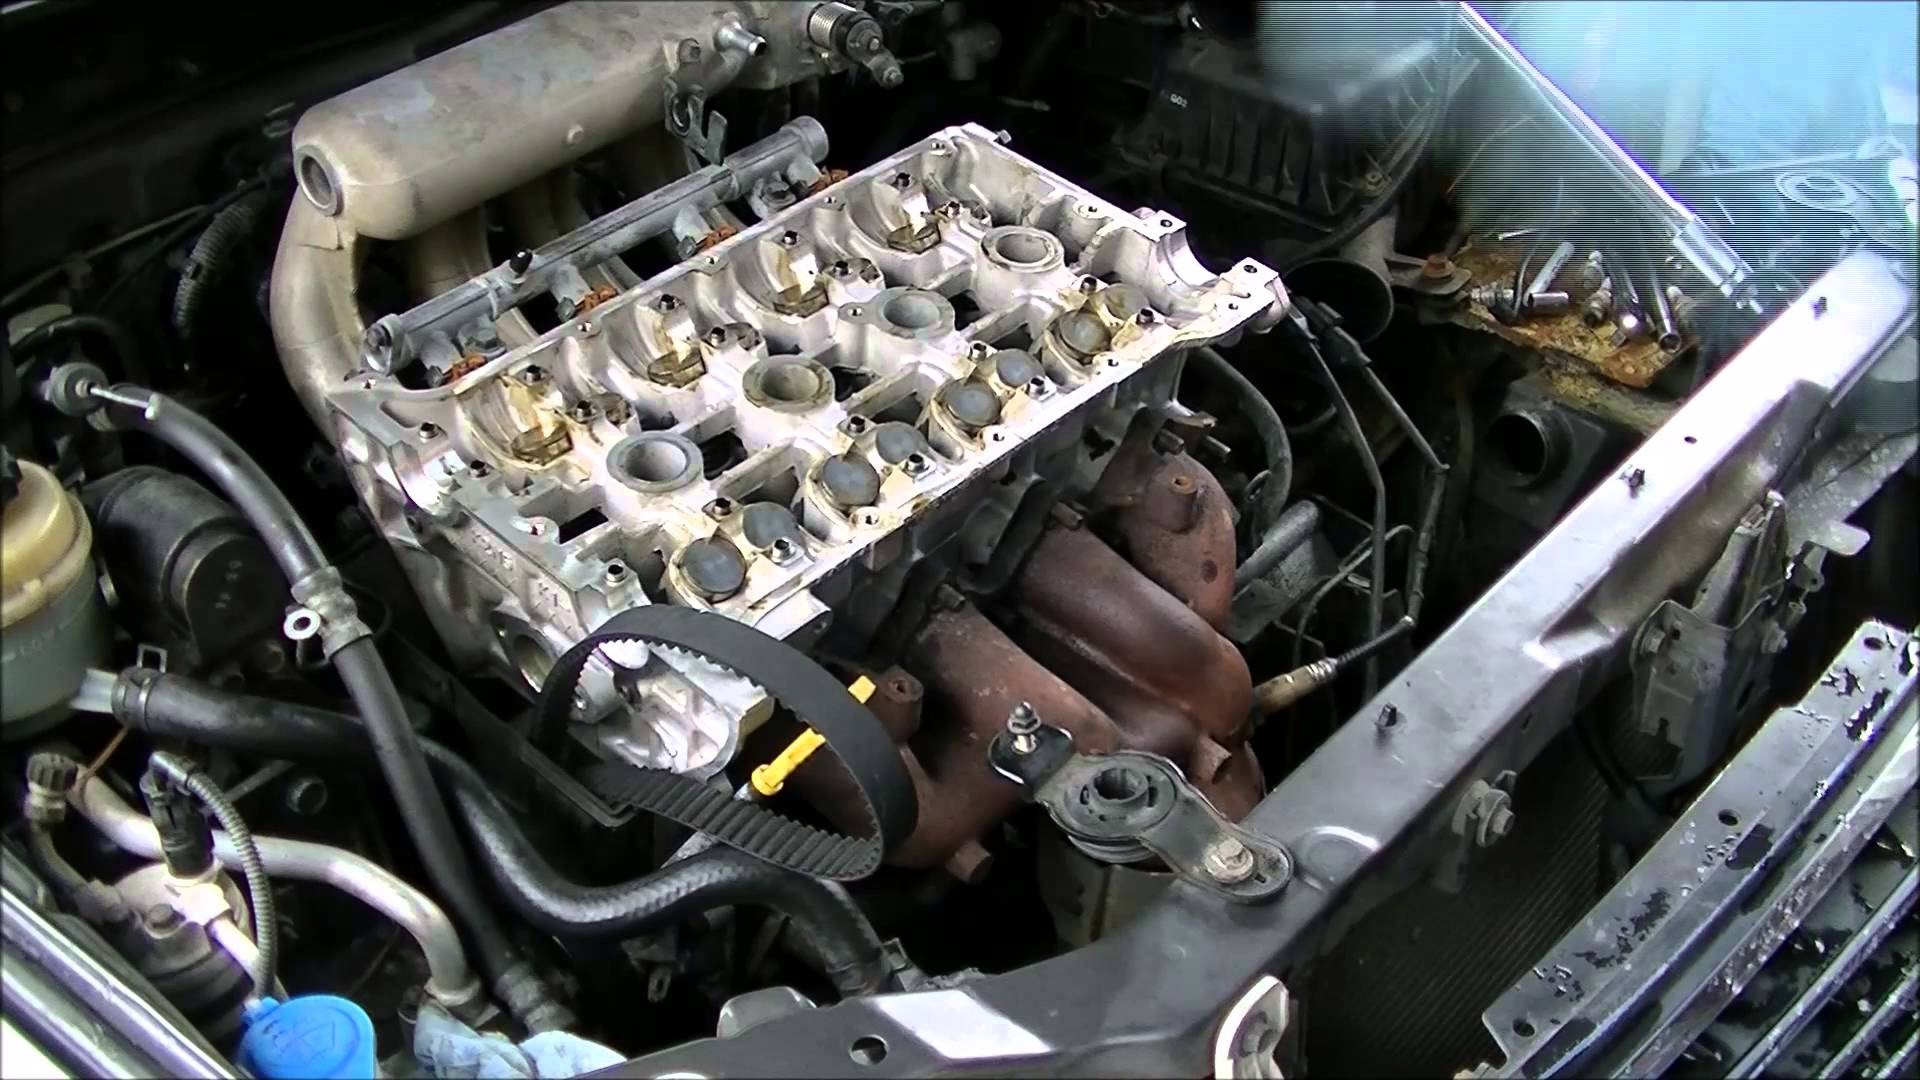 2002 Kia Spectra Engine Diagram 2002 Kia Spectra Head Replacement Of 2002 Kia Spectra Engine Diagram